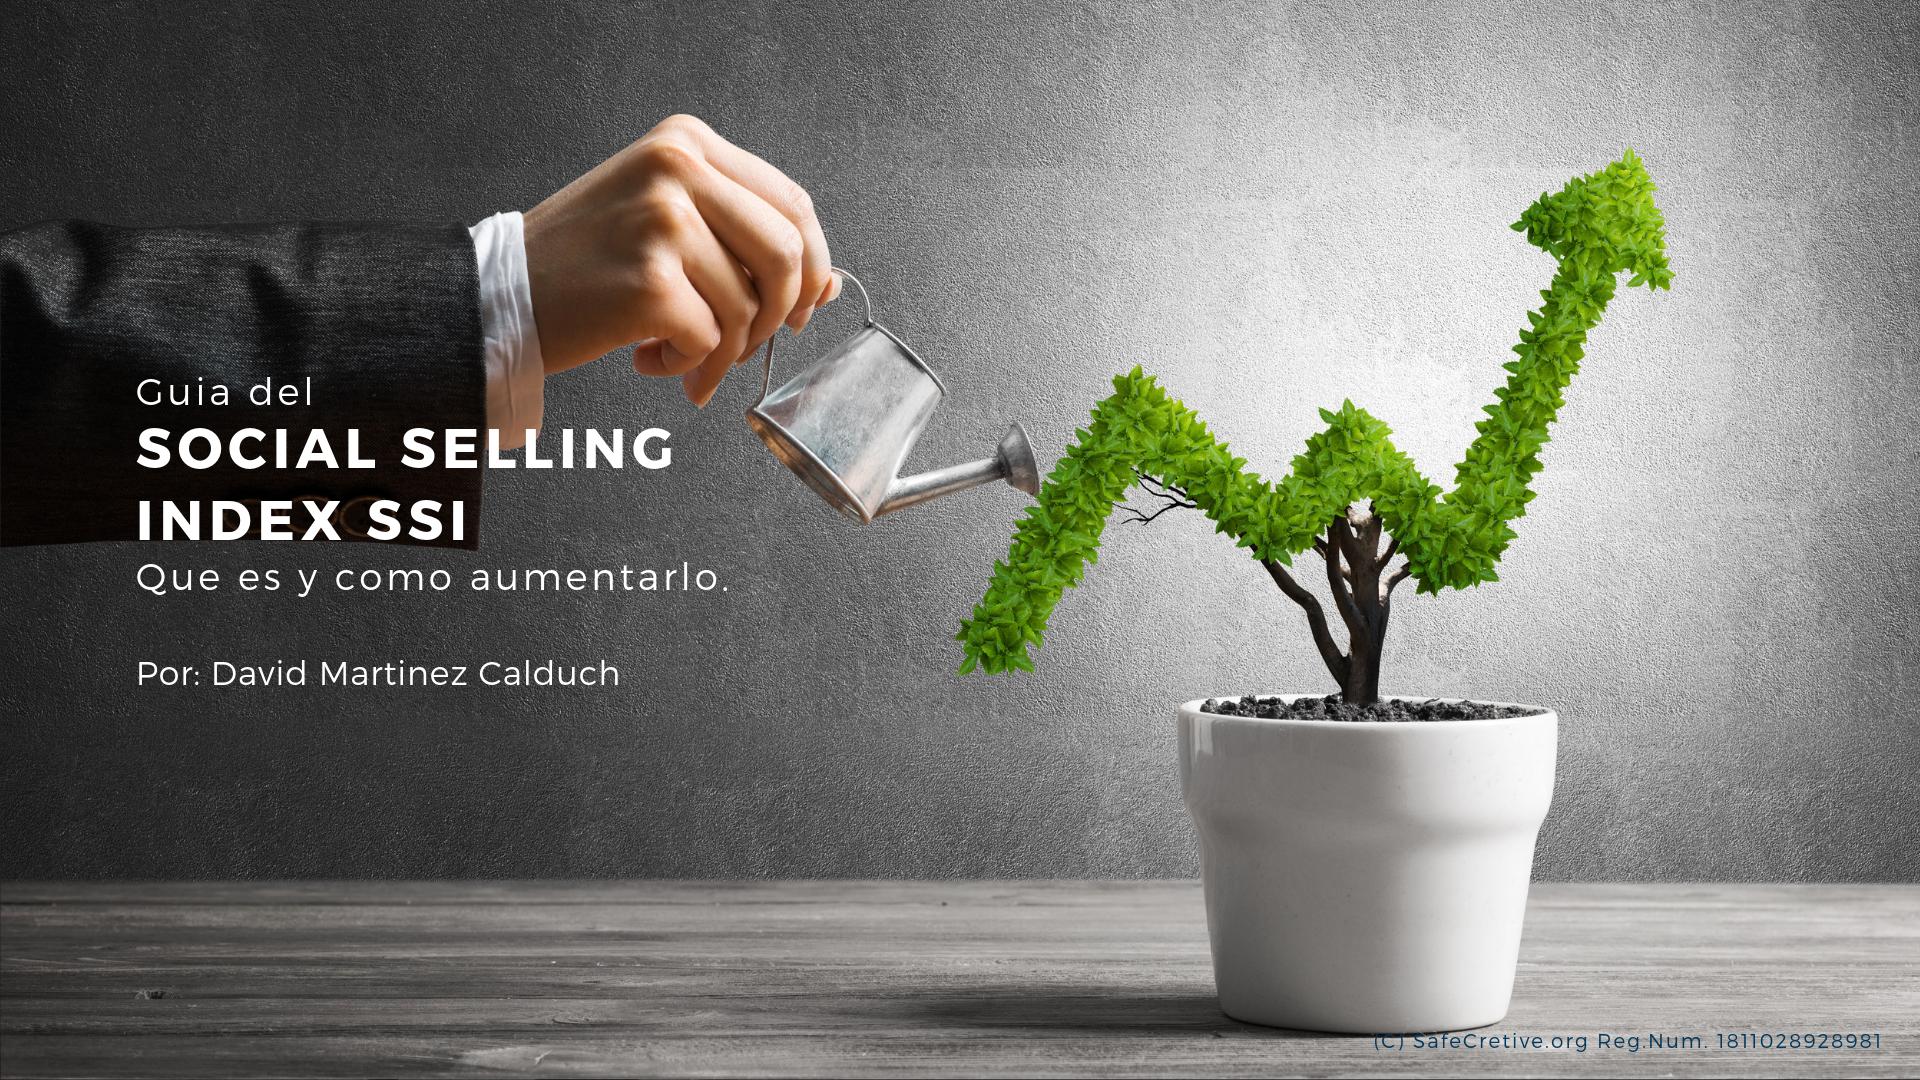 Guia del Social Selling Index SSI, que es y como aumentarlo - Soluciona Facil - David Martinez Calduch